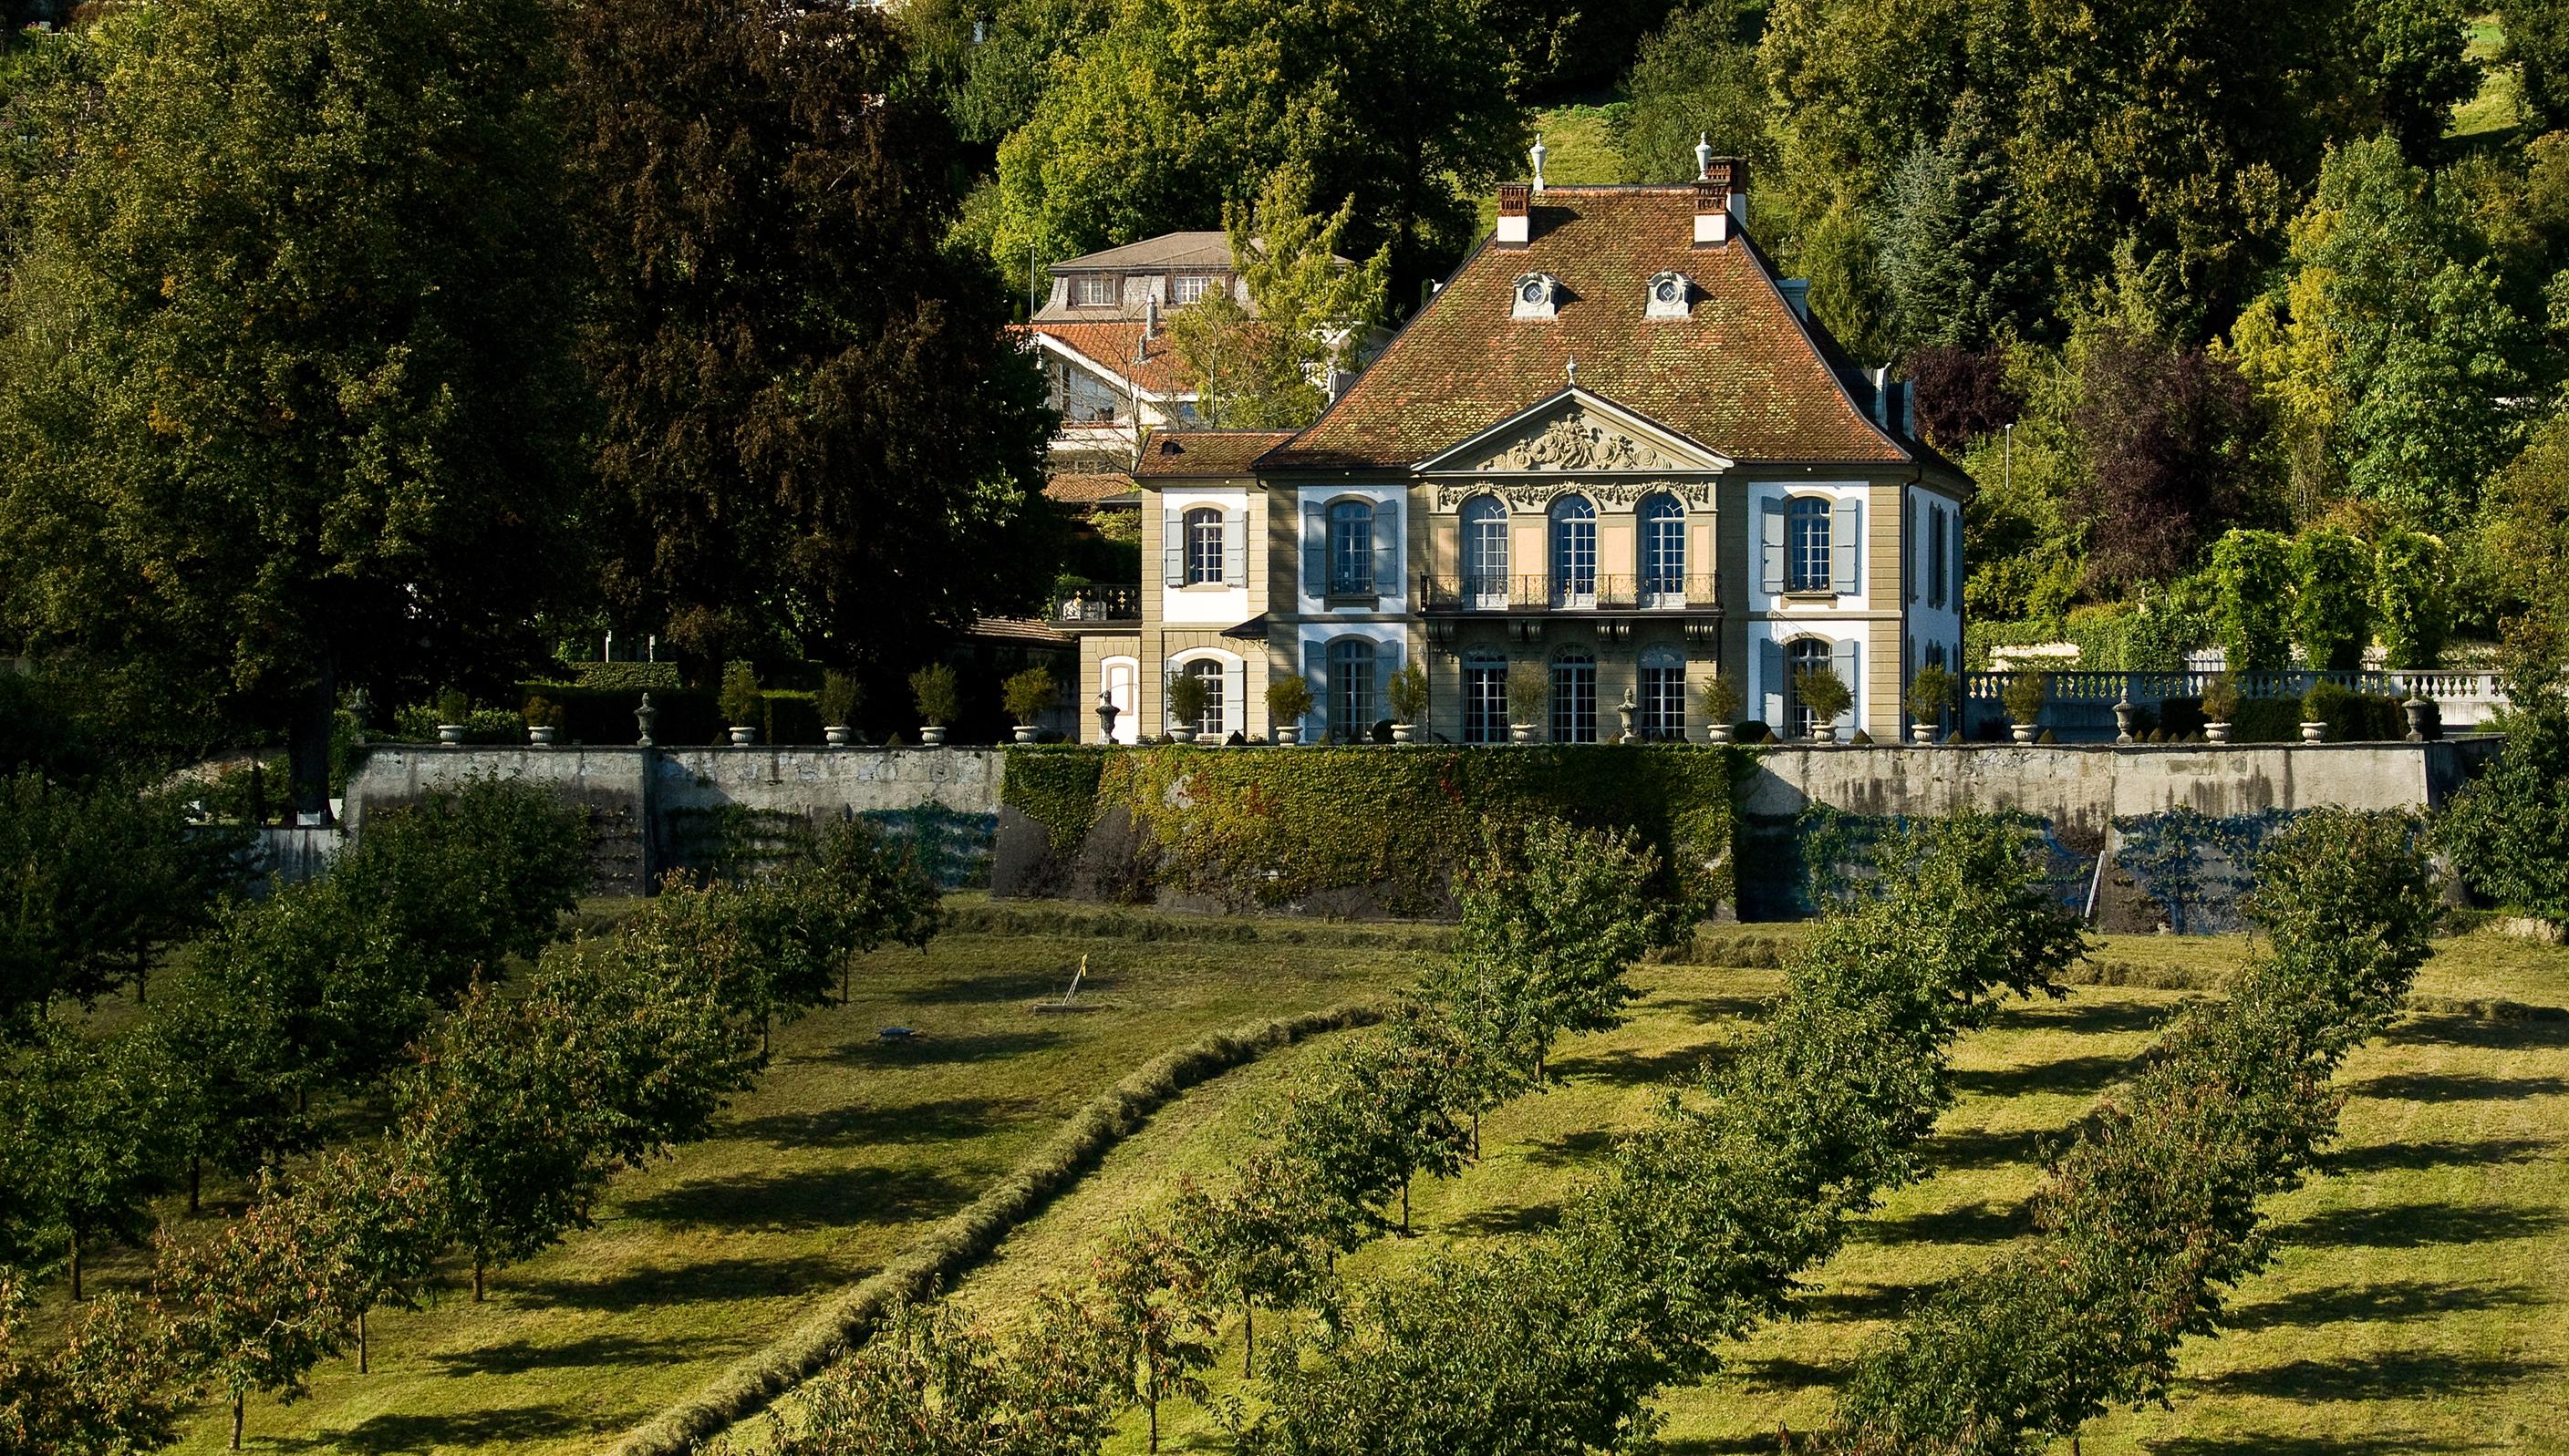 Schloss g mligen wikiwand for Baum garten